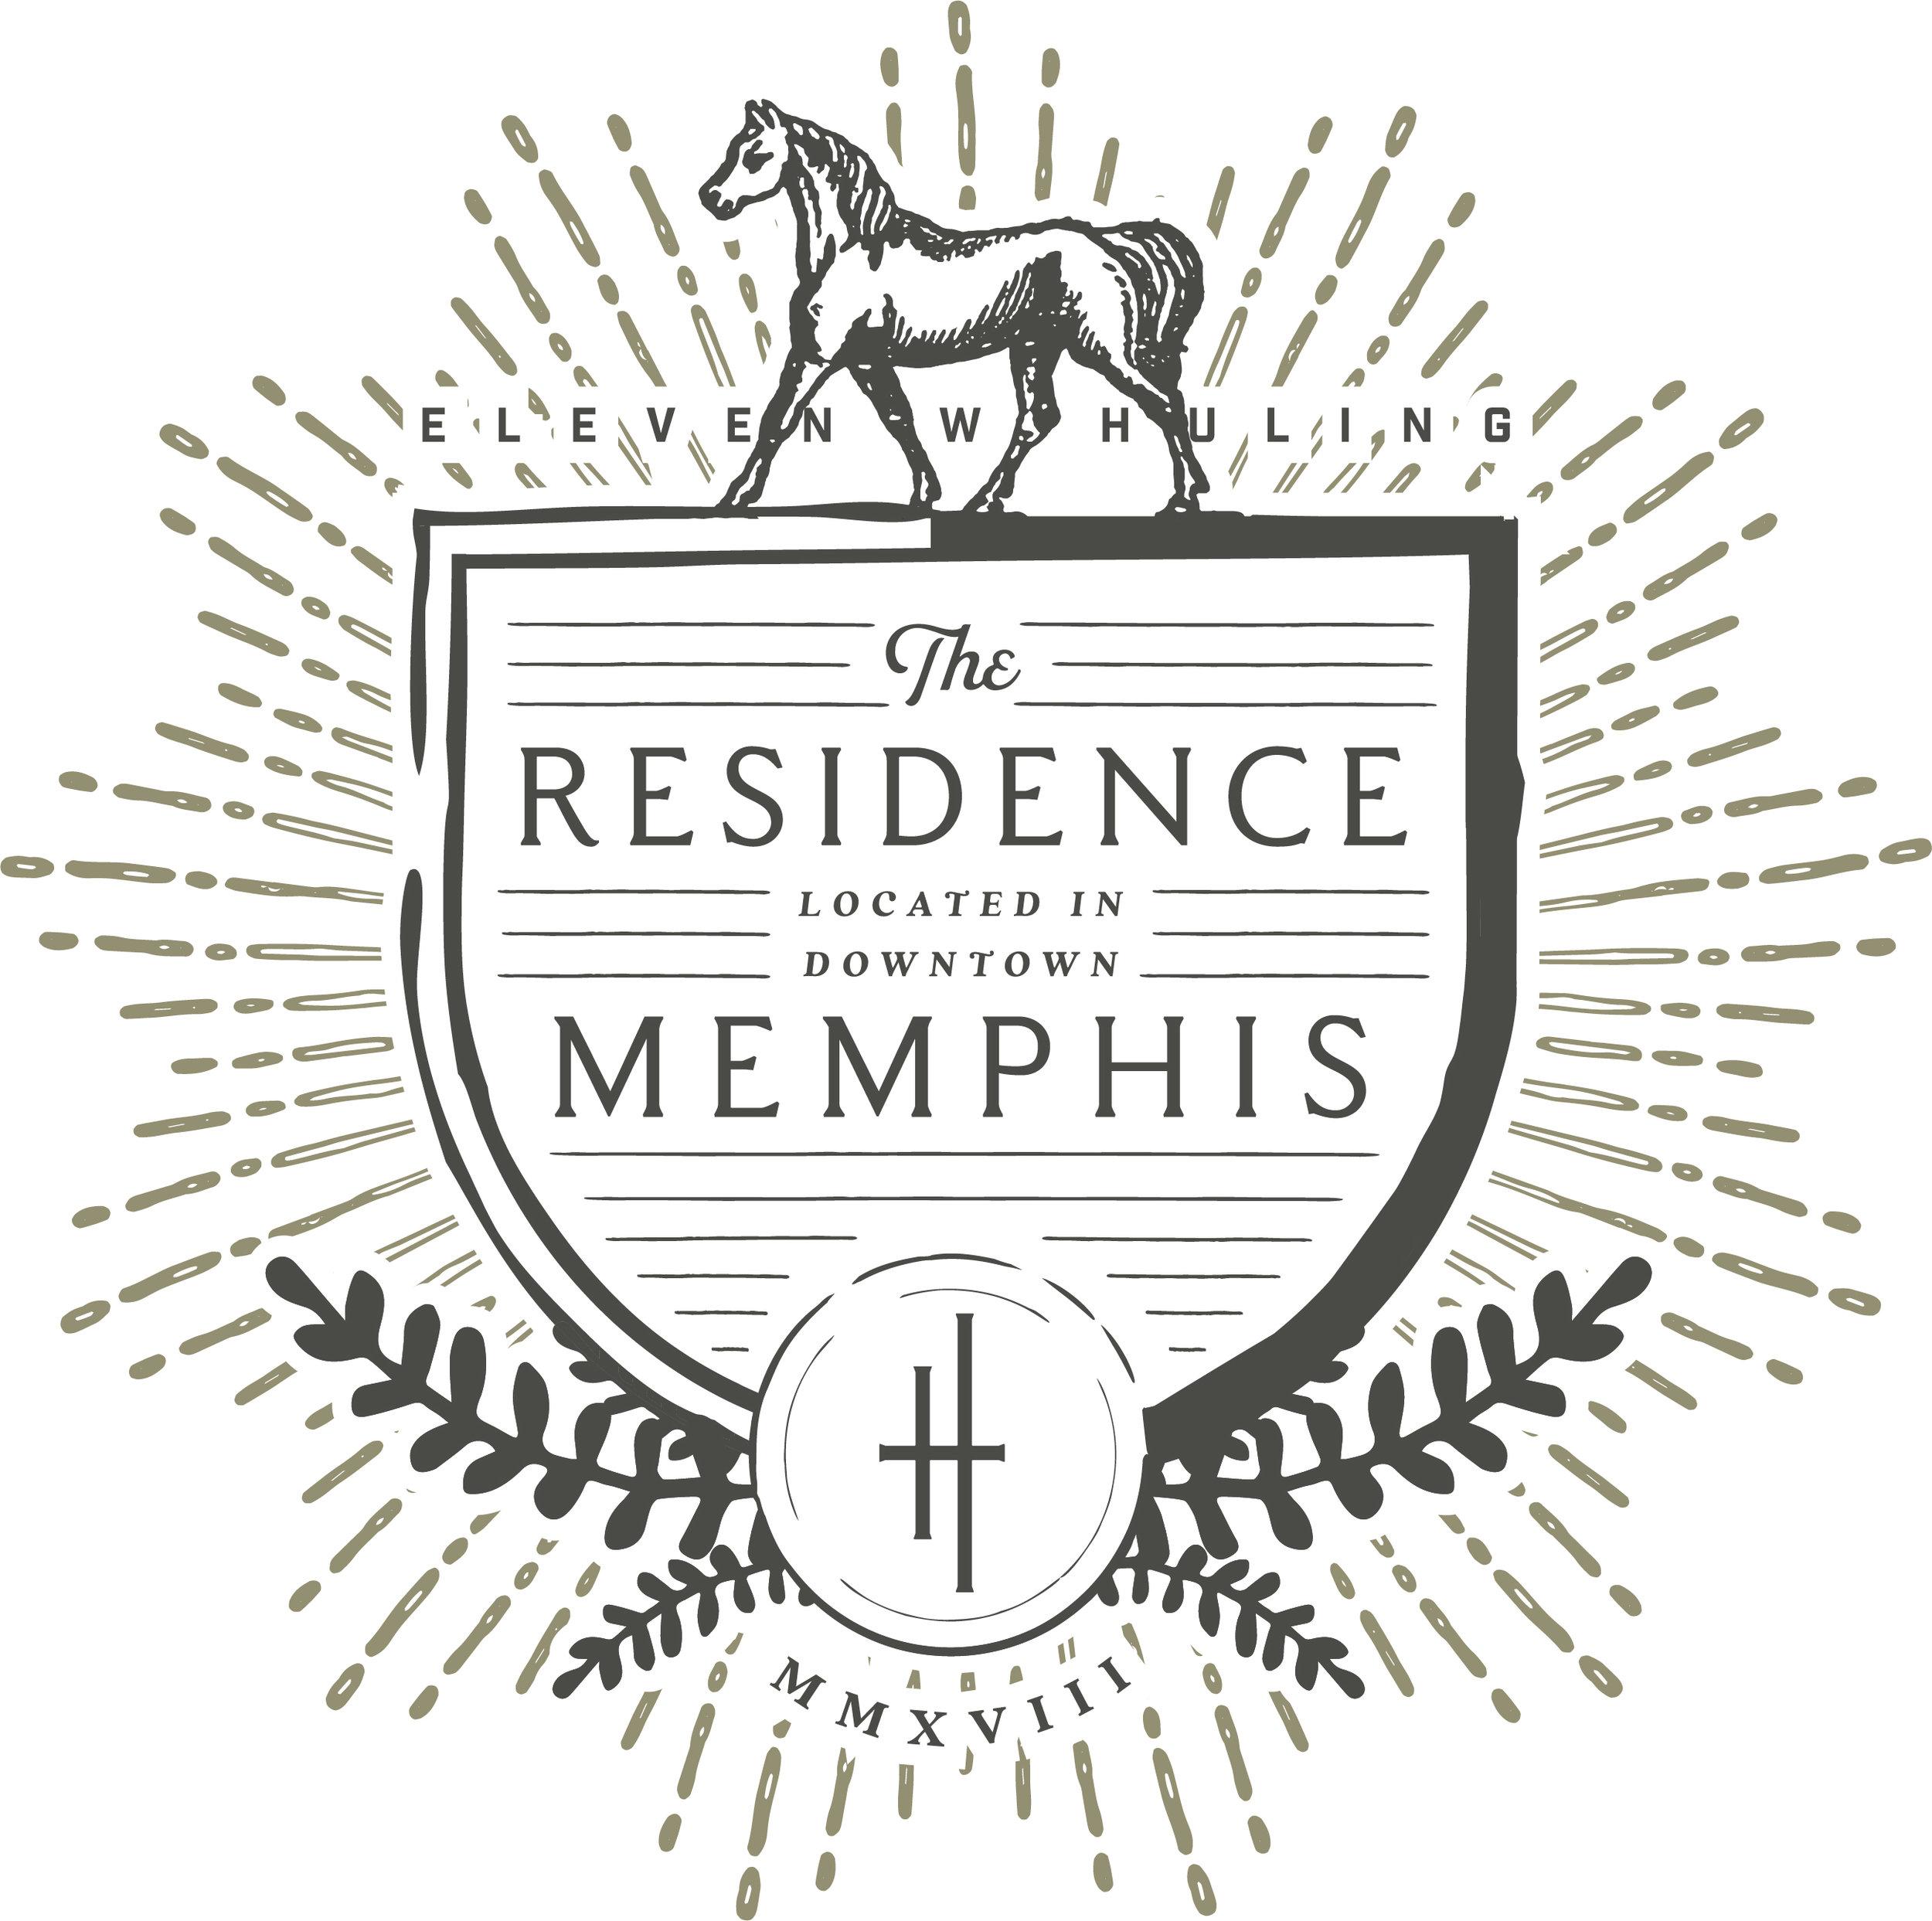 ResidenceLogo_Badge.jpg